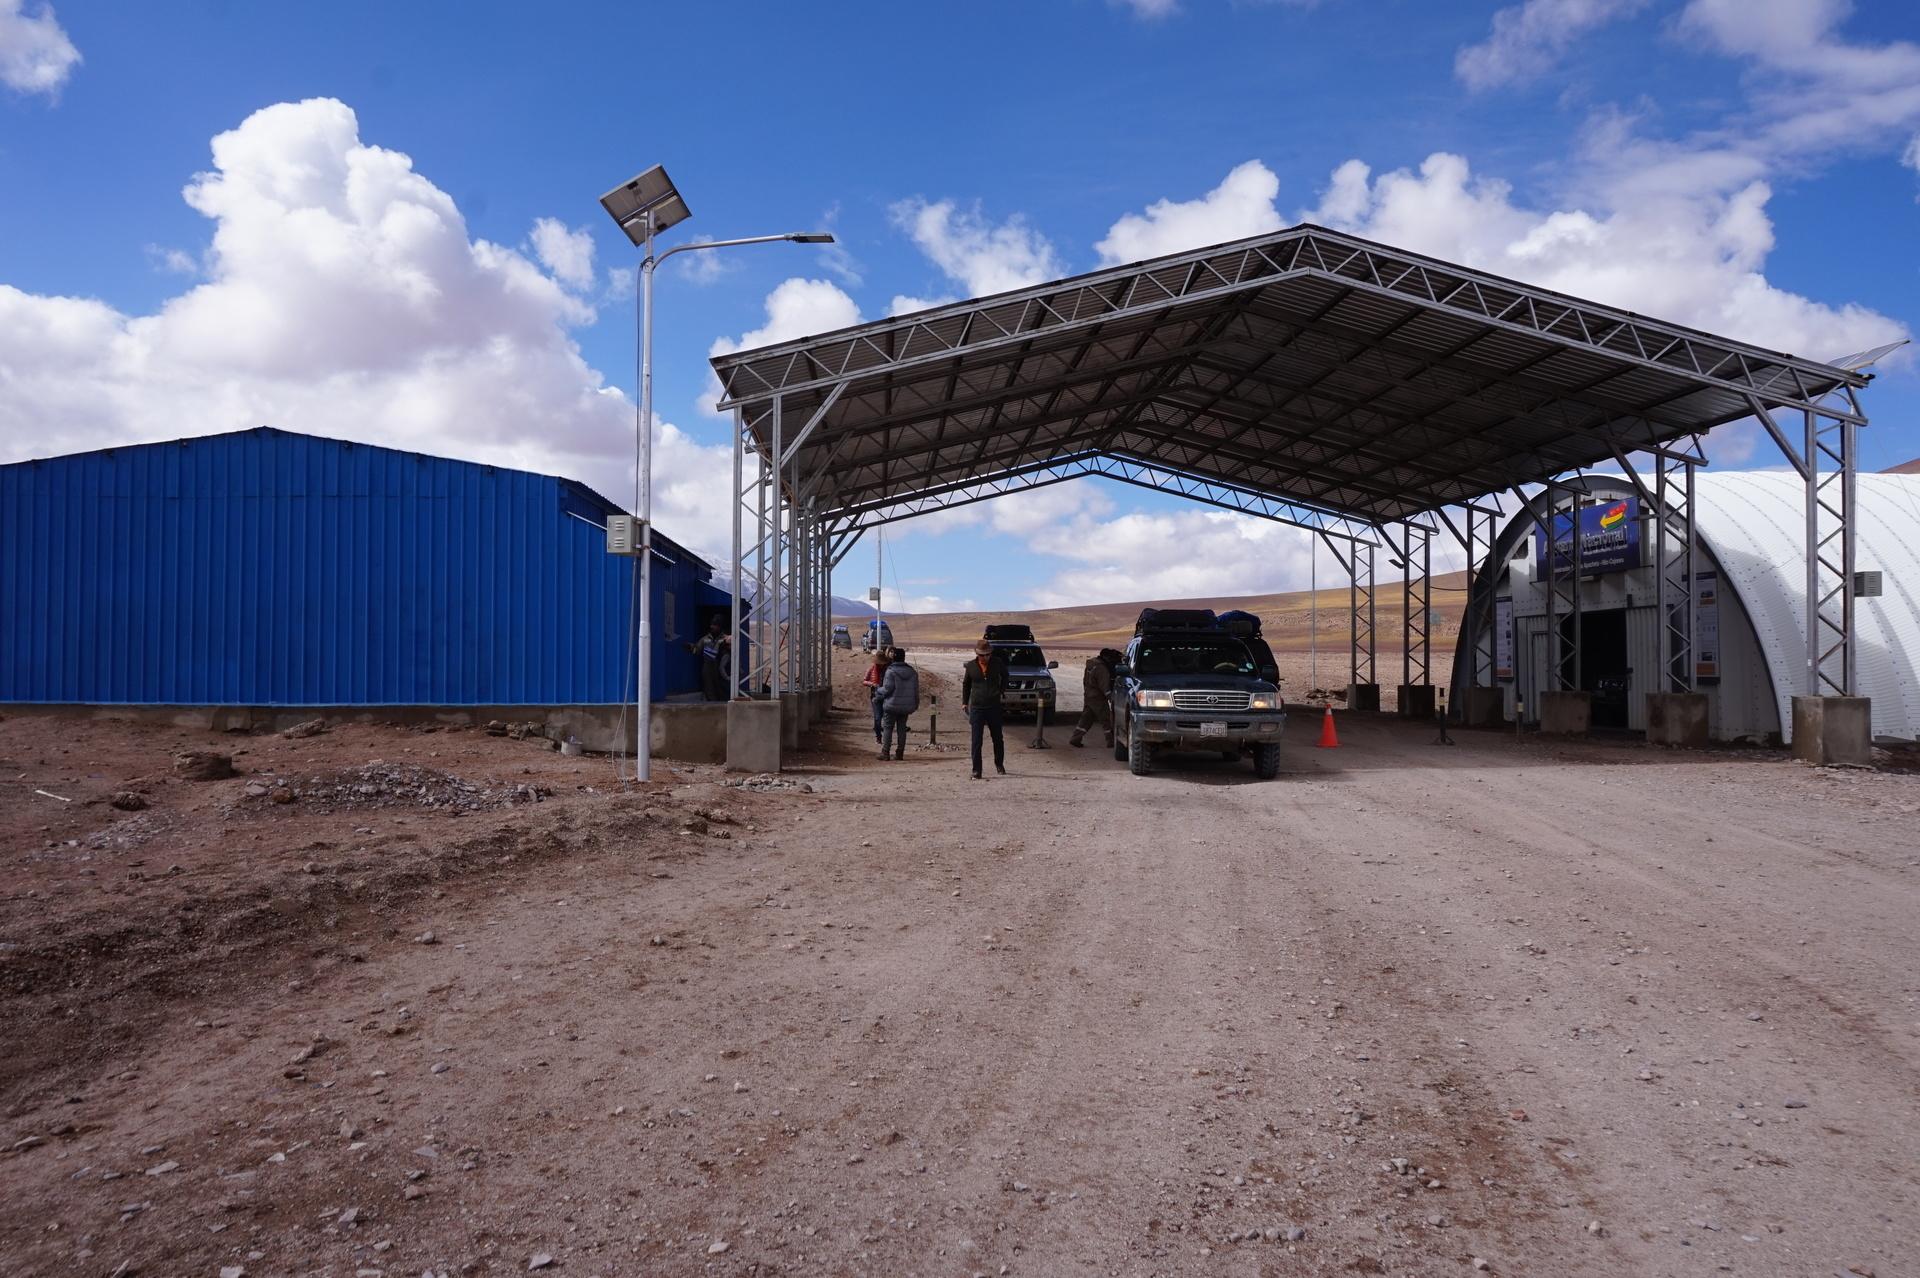 チリ ボリビア ウユニ旅行 2泊3日ツアー 謎の施設